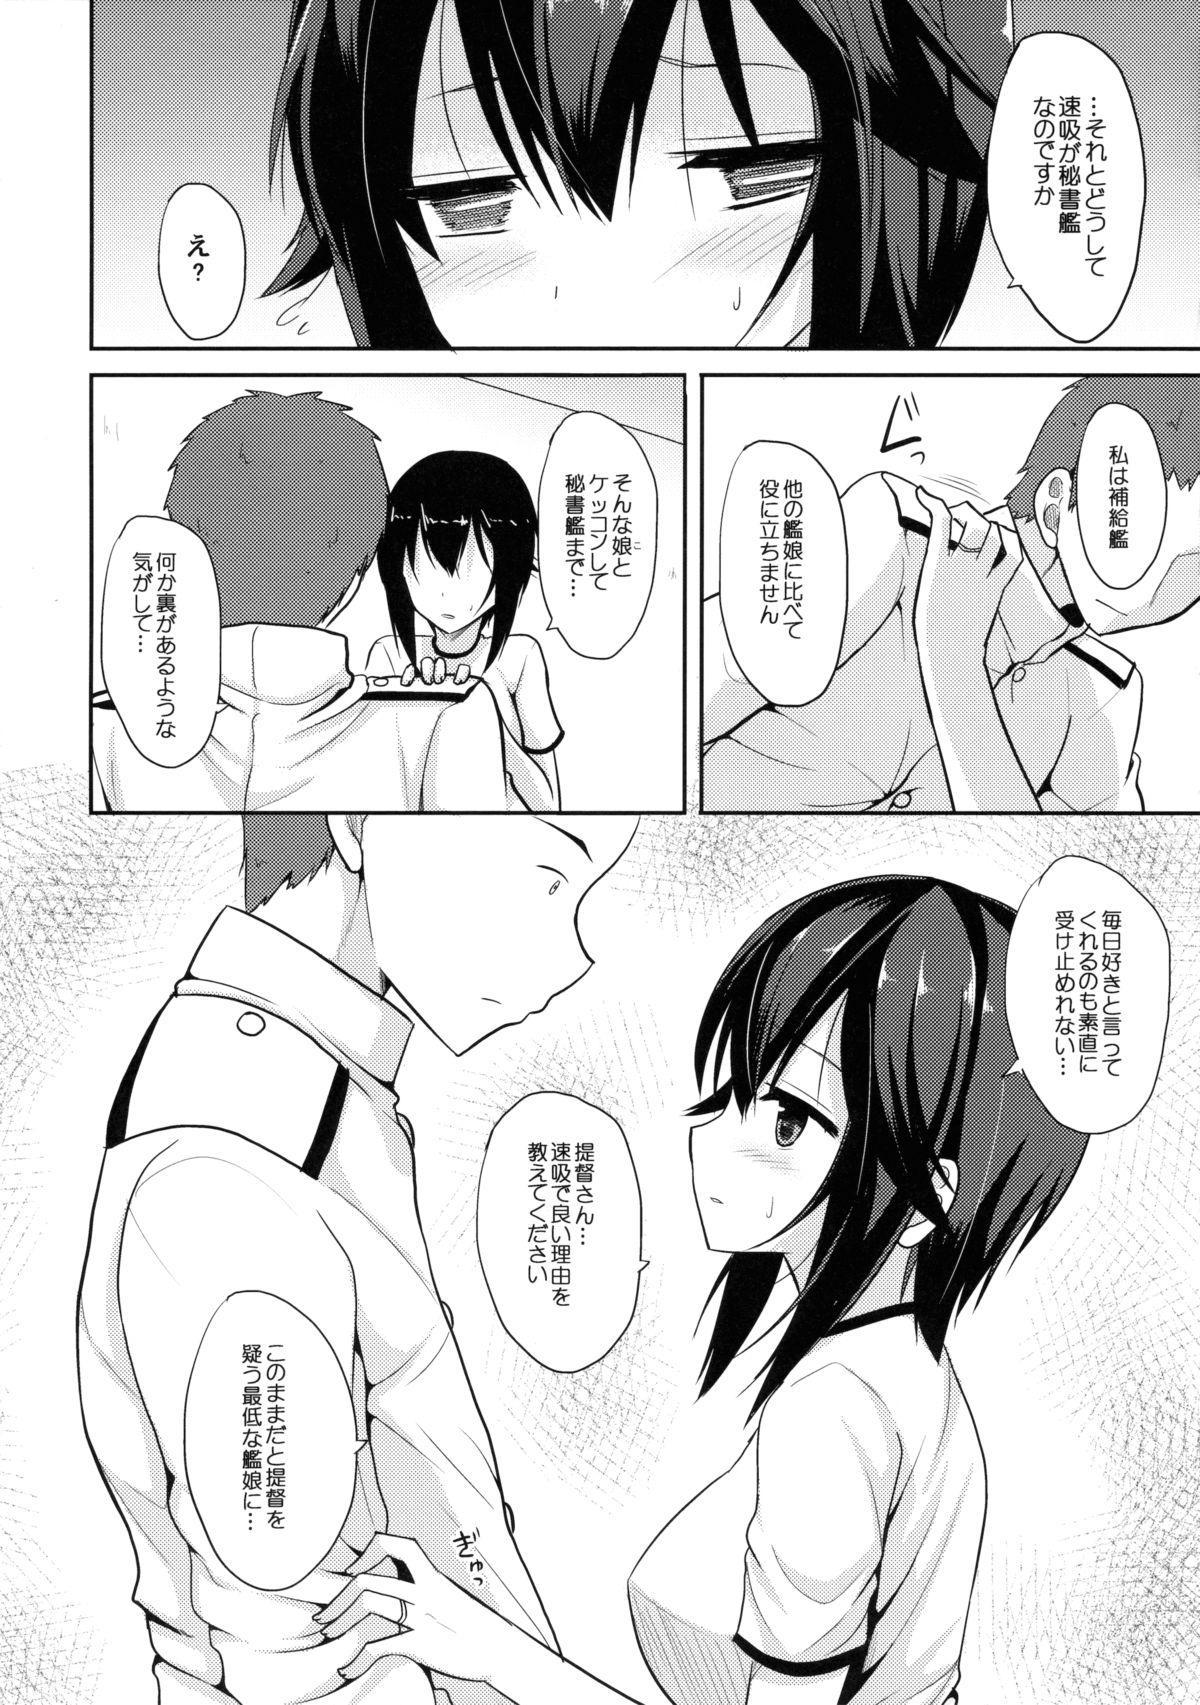 Hontou ni Suki desu ka? 6